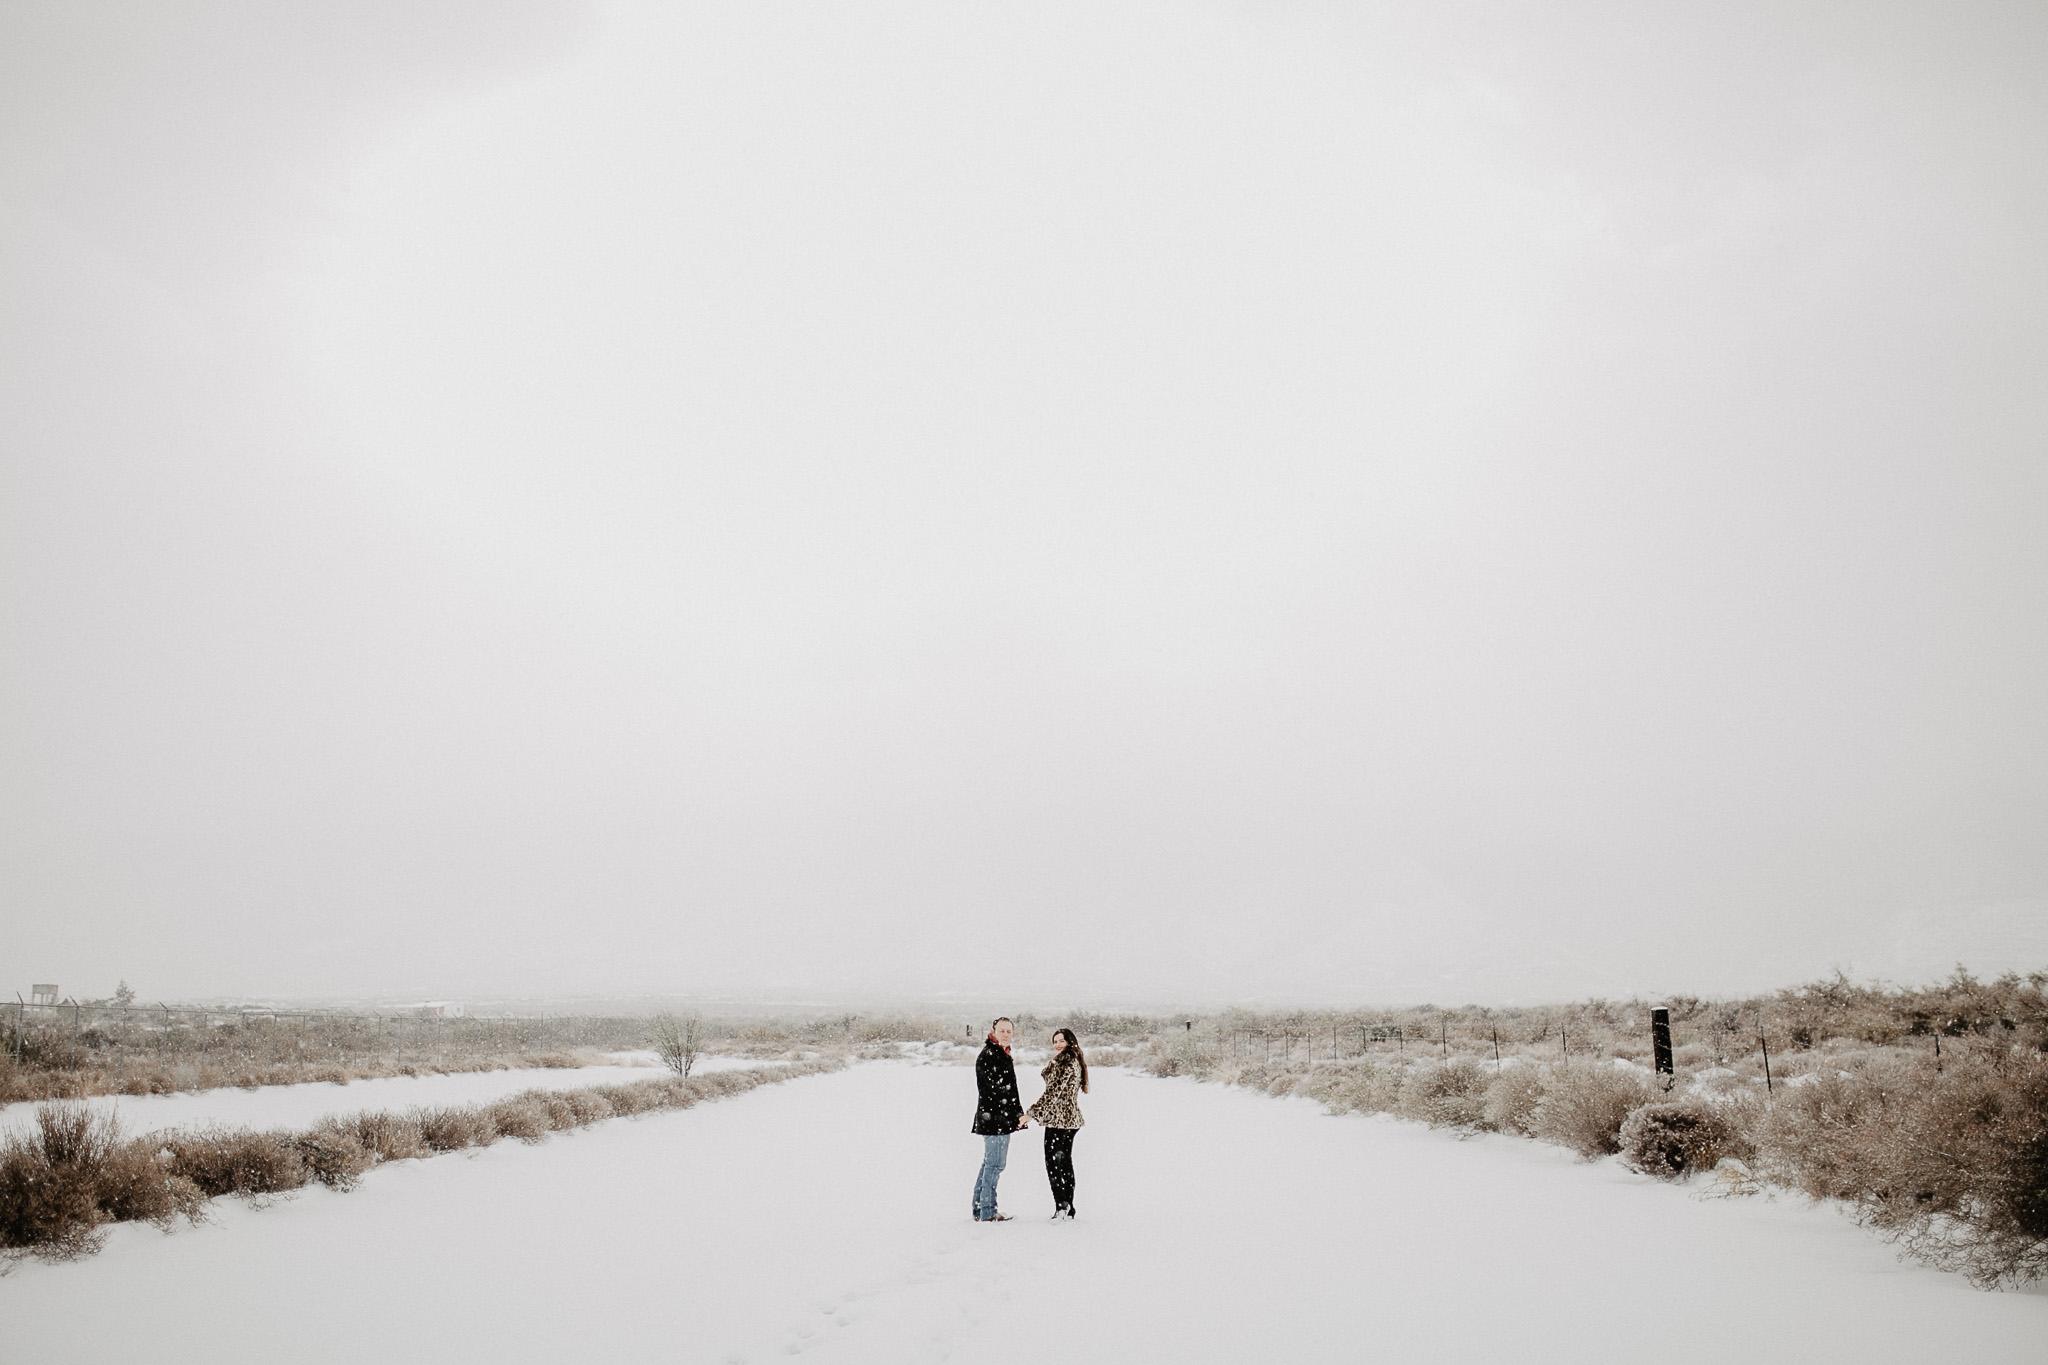 sesion-en-la-nieve-IMG_3021.jpg